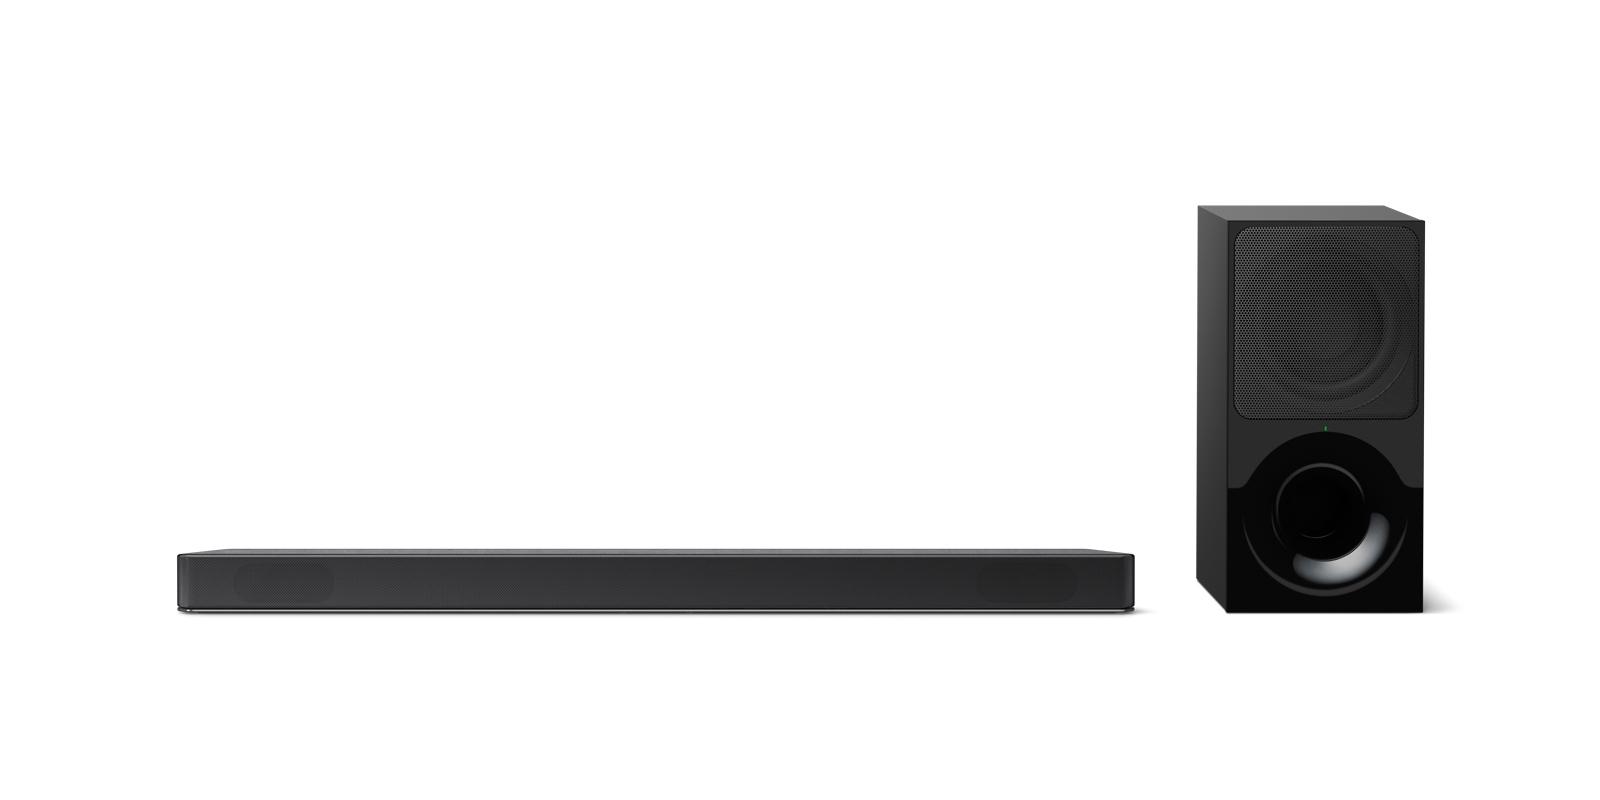 Sony - Htxf9000.cel